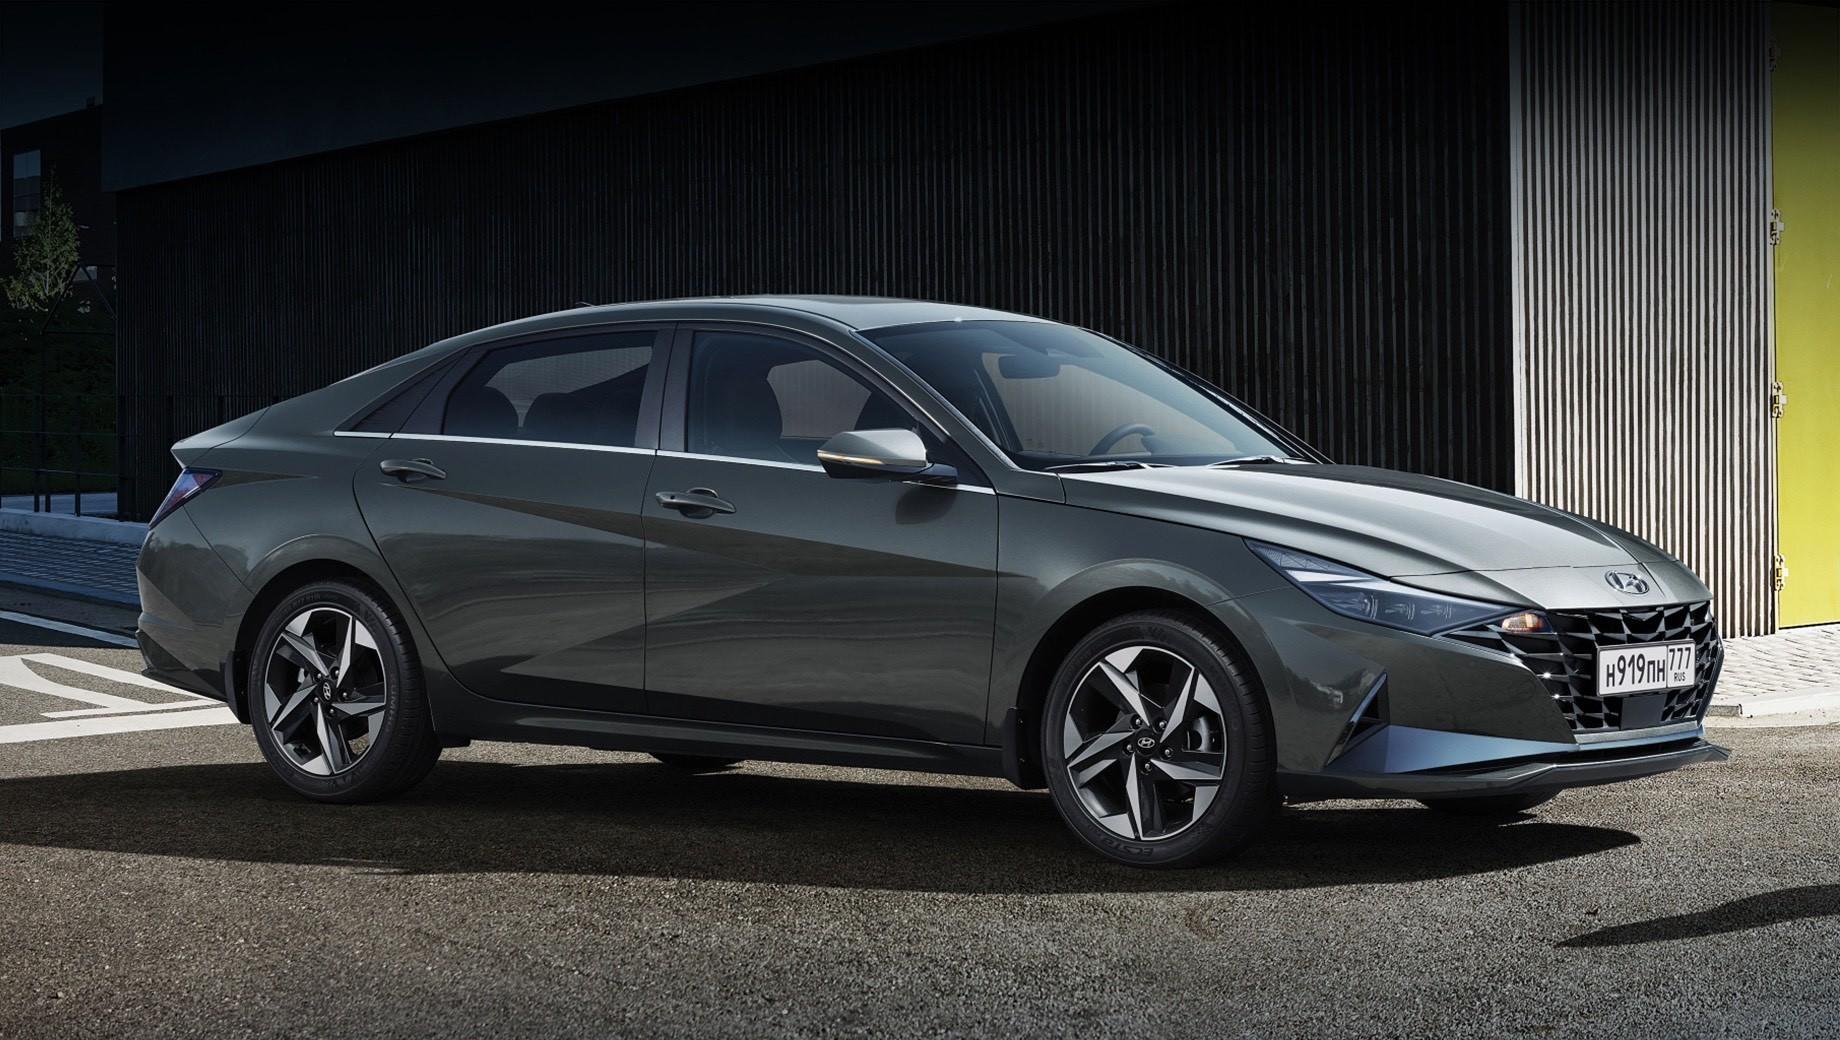 Hyundai elantra. Россиянам Элантру предложат в четырёх комплектациях — Base, Active, Elegance и Anniversary. Последняя сделана в честь 30-летия модели. Первые машины доберутся к дилерам до конца 2020 года, а цены объявят ближе к старту продаж. Сейчас исполнение 1.6 AT стоит от 1 235 000 рублей.